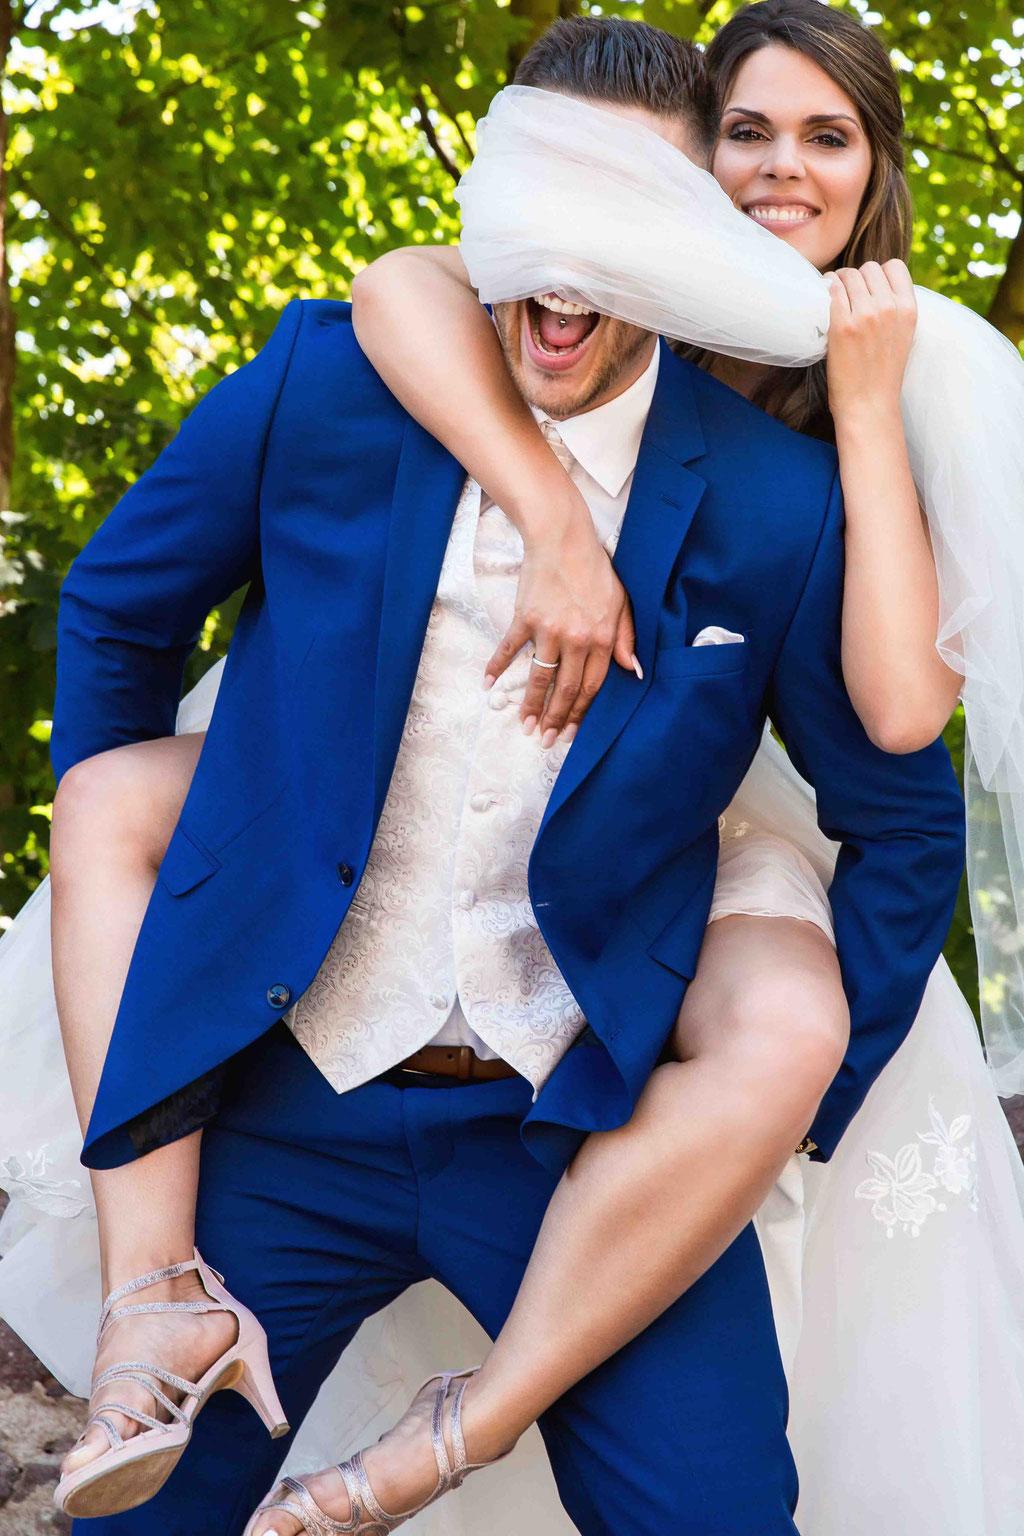 Lustige Ehebilder, fetzige hochzeitsbilder, humorvolle Hochzeitsfotos, kreative Bilder unserer Hochzeit, Hochzeitsfotograf der Premiumklasse